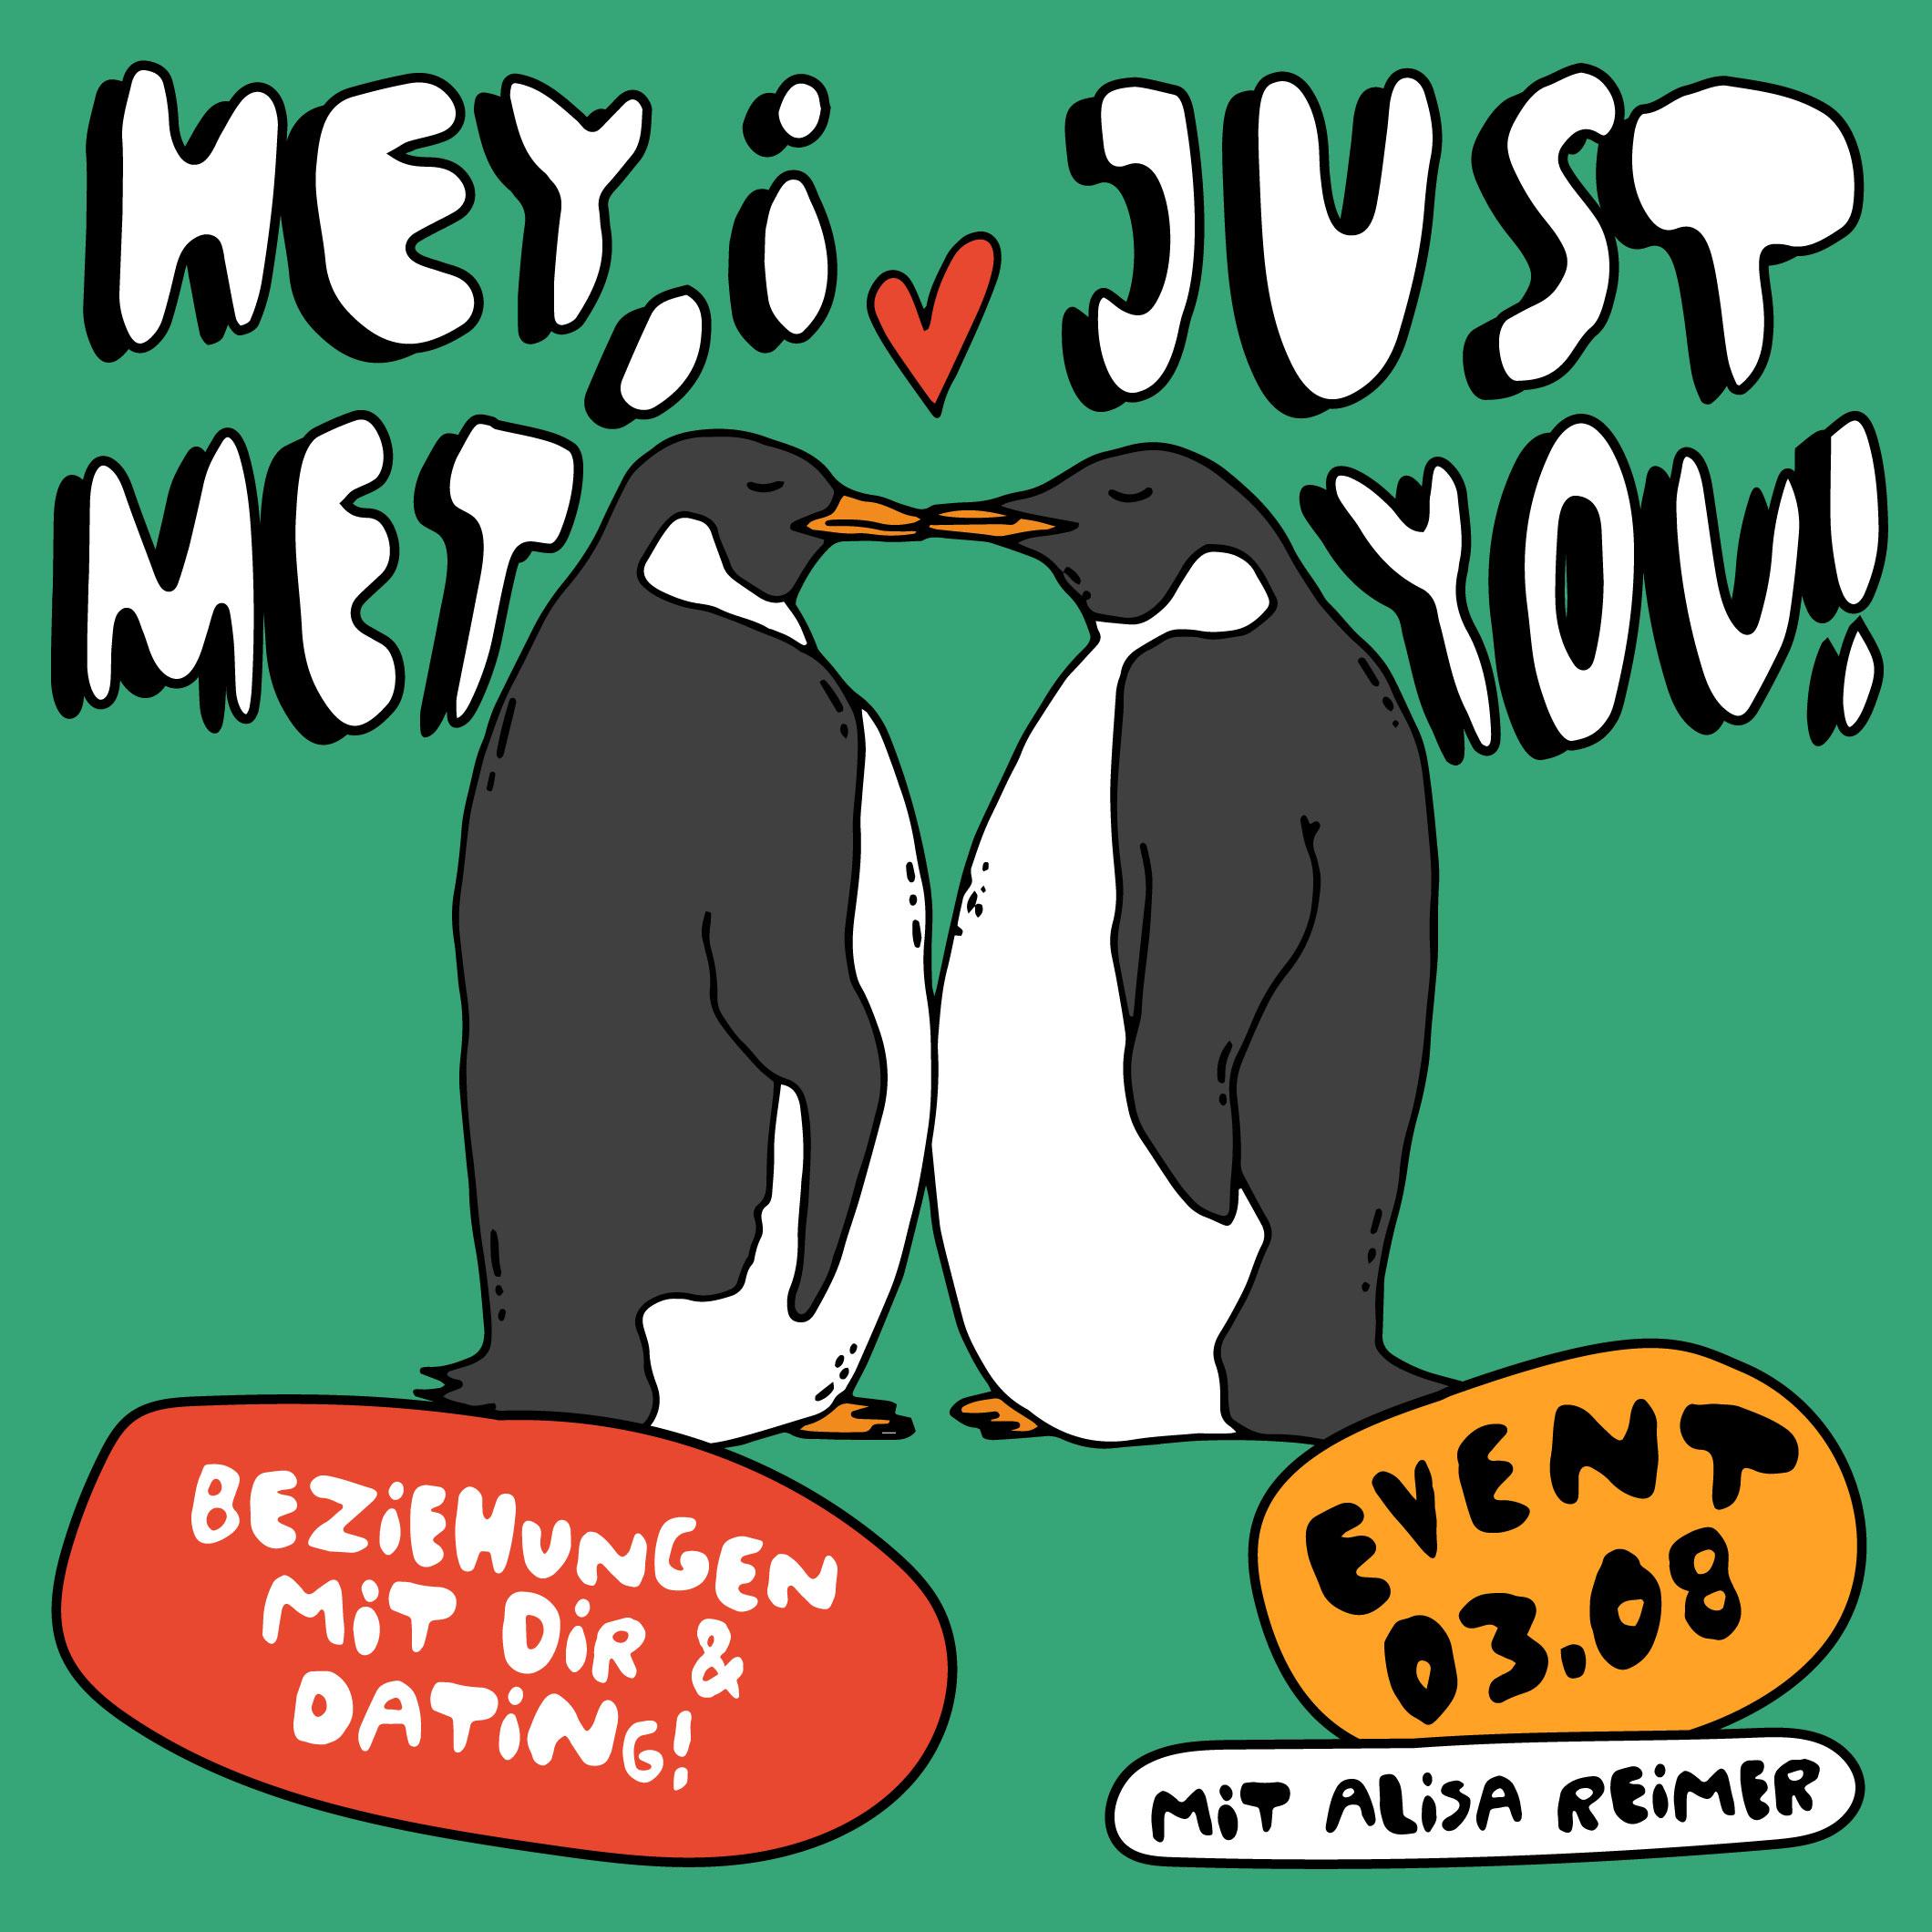 Von Sandra Bayer illustrierte Pinguine die sich küssen mit Slogan Hey, I just met you für Event 03.08.2021